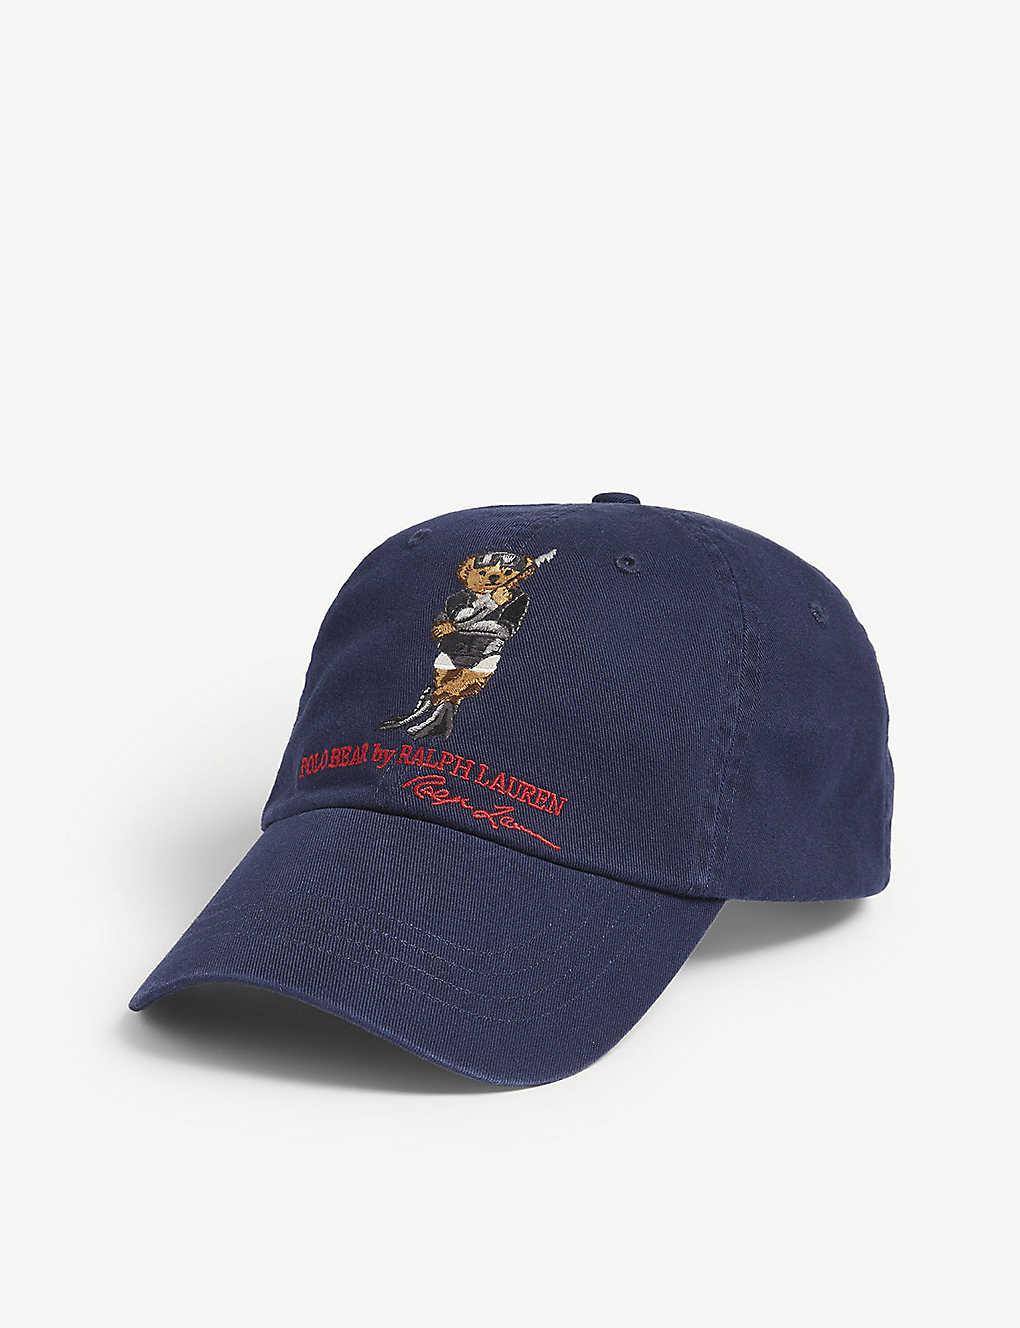 58d5fbbd POLO RALPH LAUREN - Polo bear cap | Selfridges.com